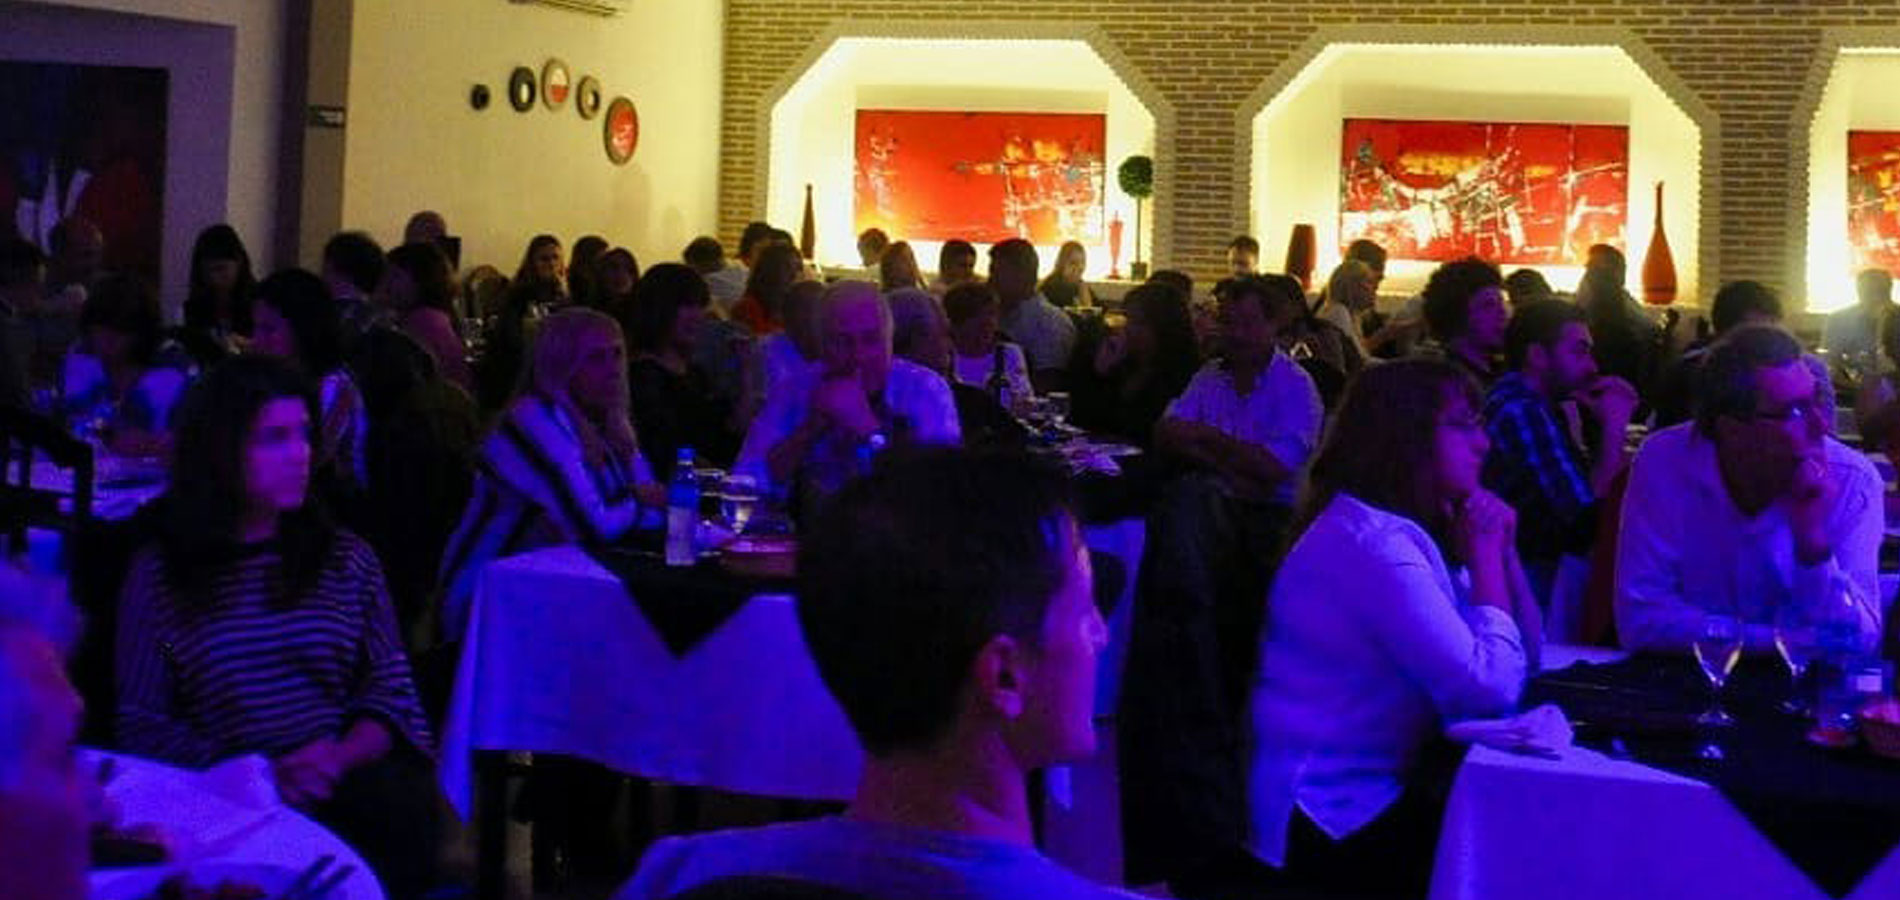 Salón para eventos sociales y conferencias